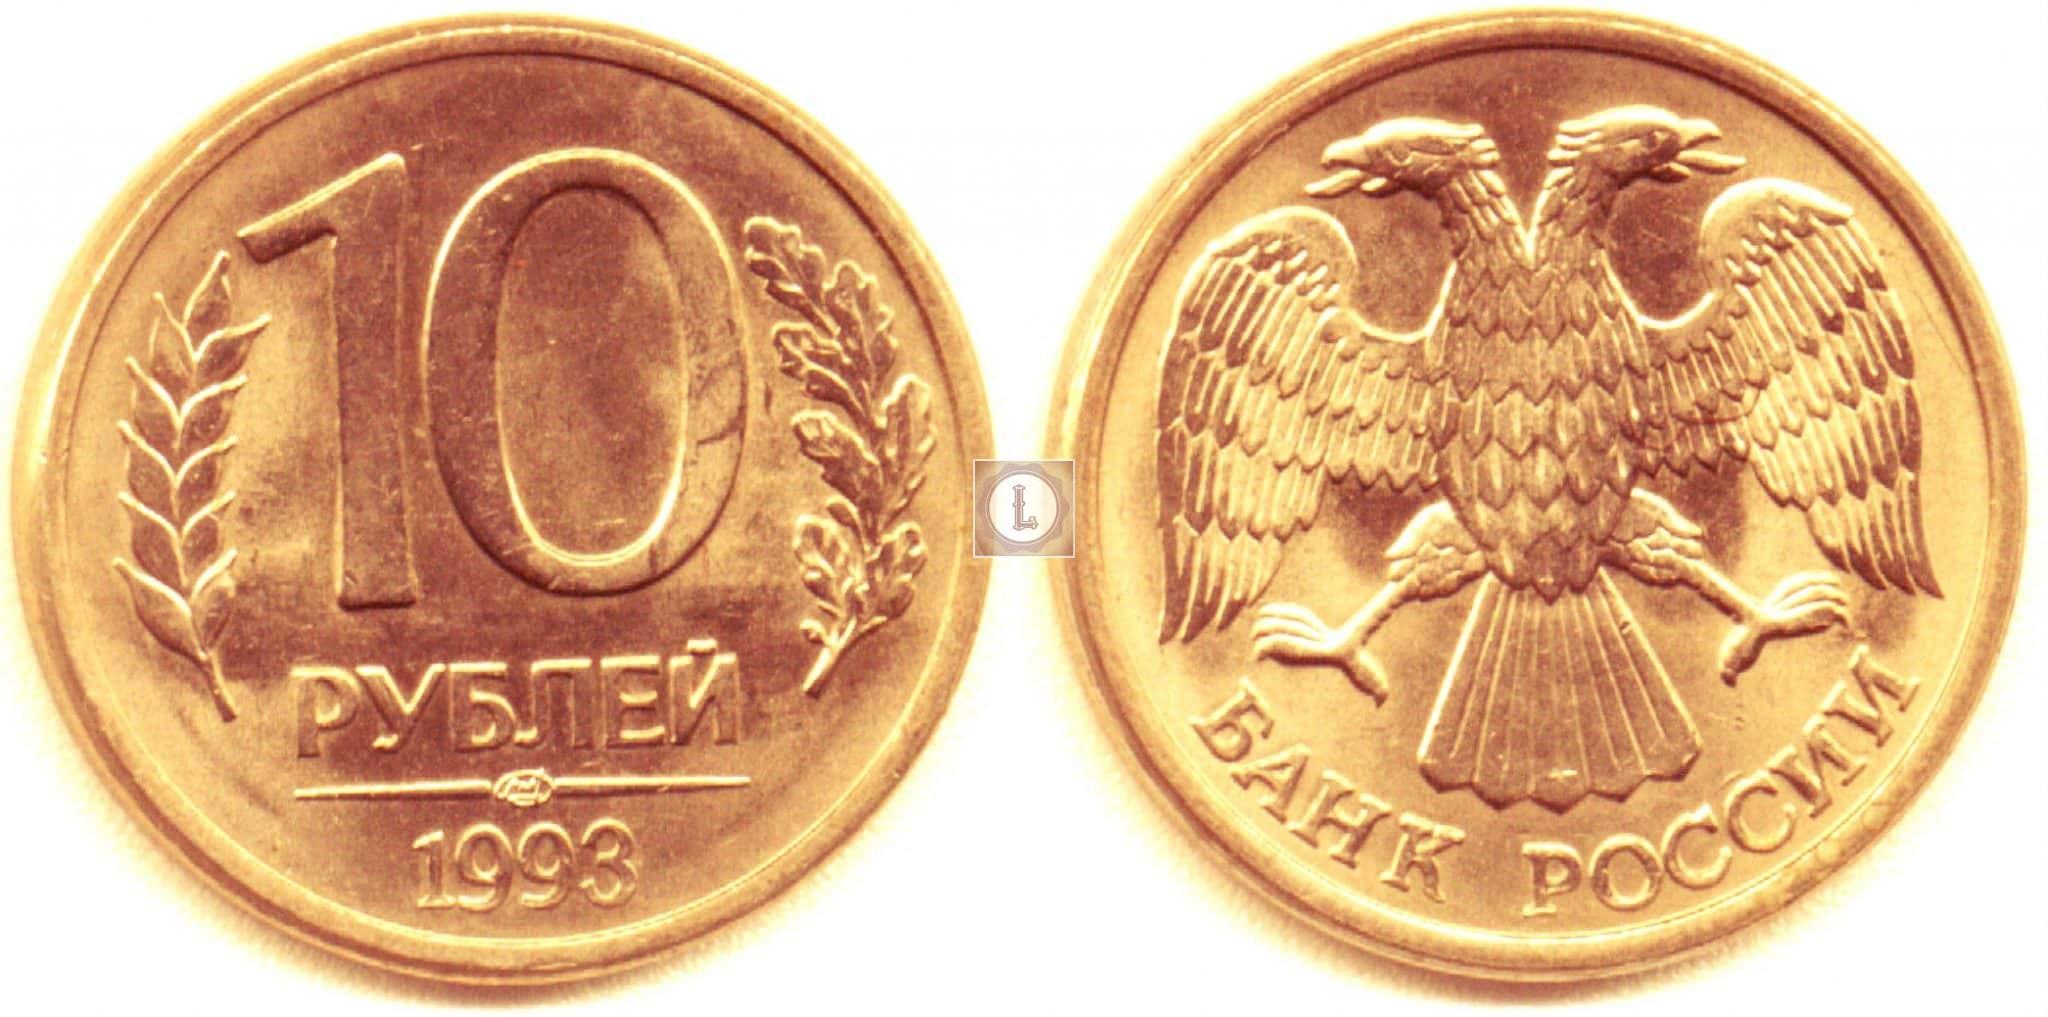 10 рублей 1993 года ЛМД. (магнитная). Брак - поворот | 1017x2048